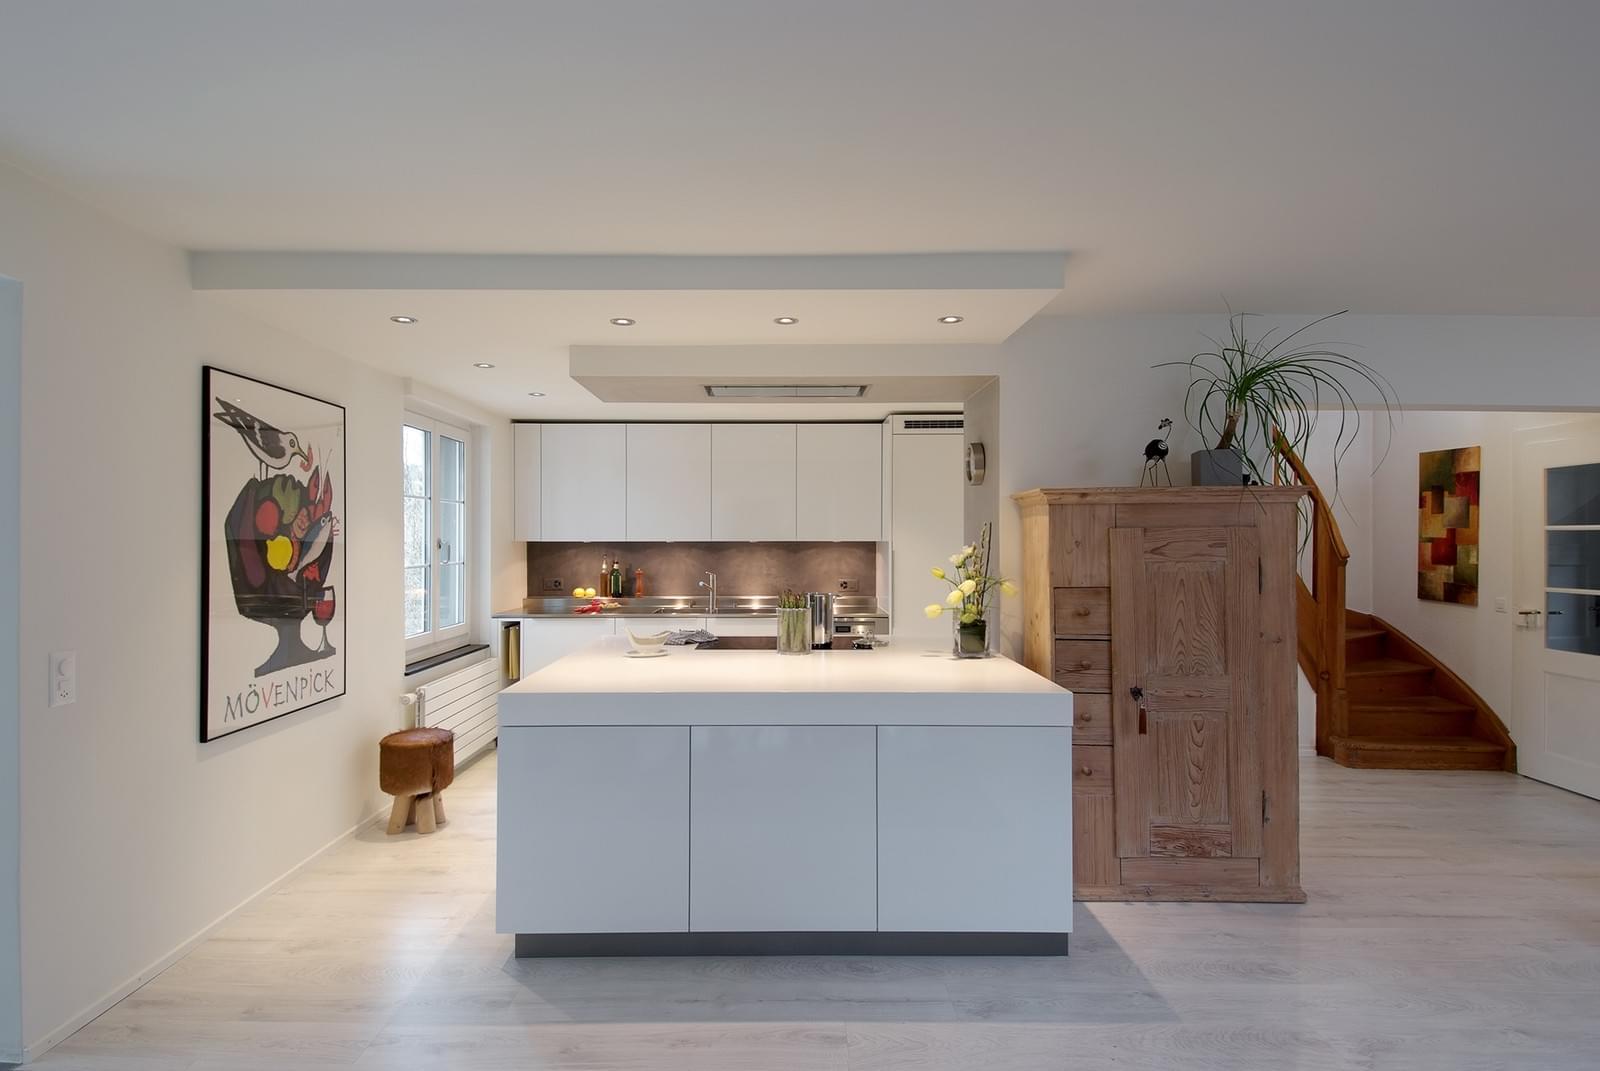 küchenidee - weiss ist eine farbe … - bautrends.ch